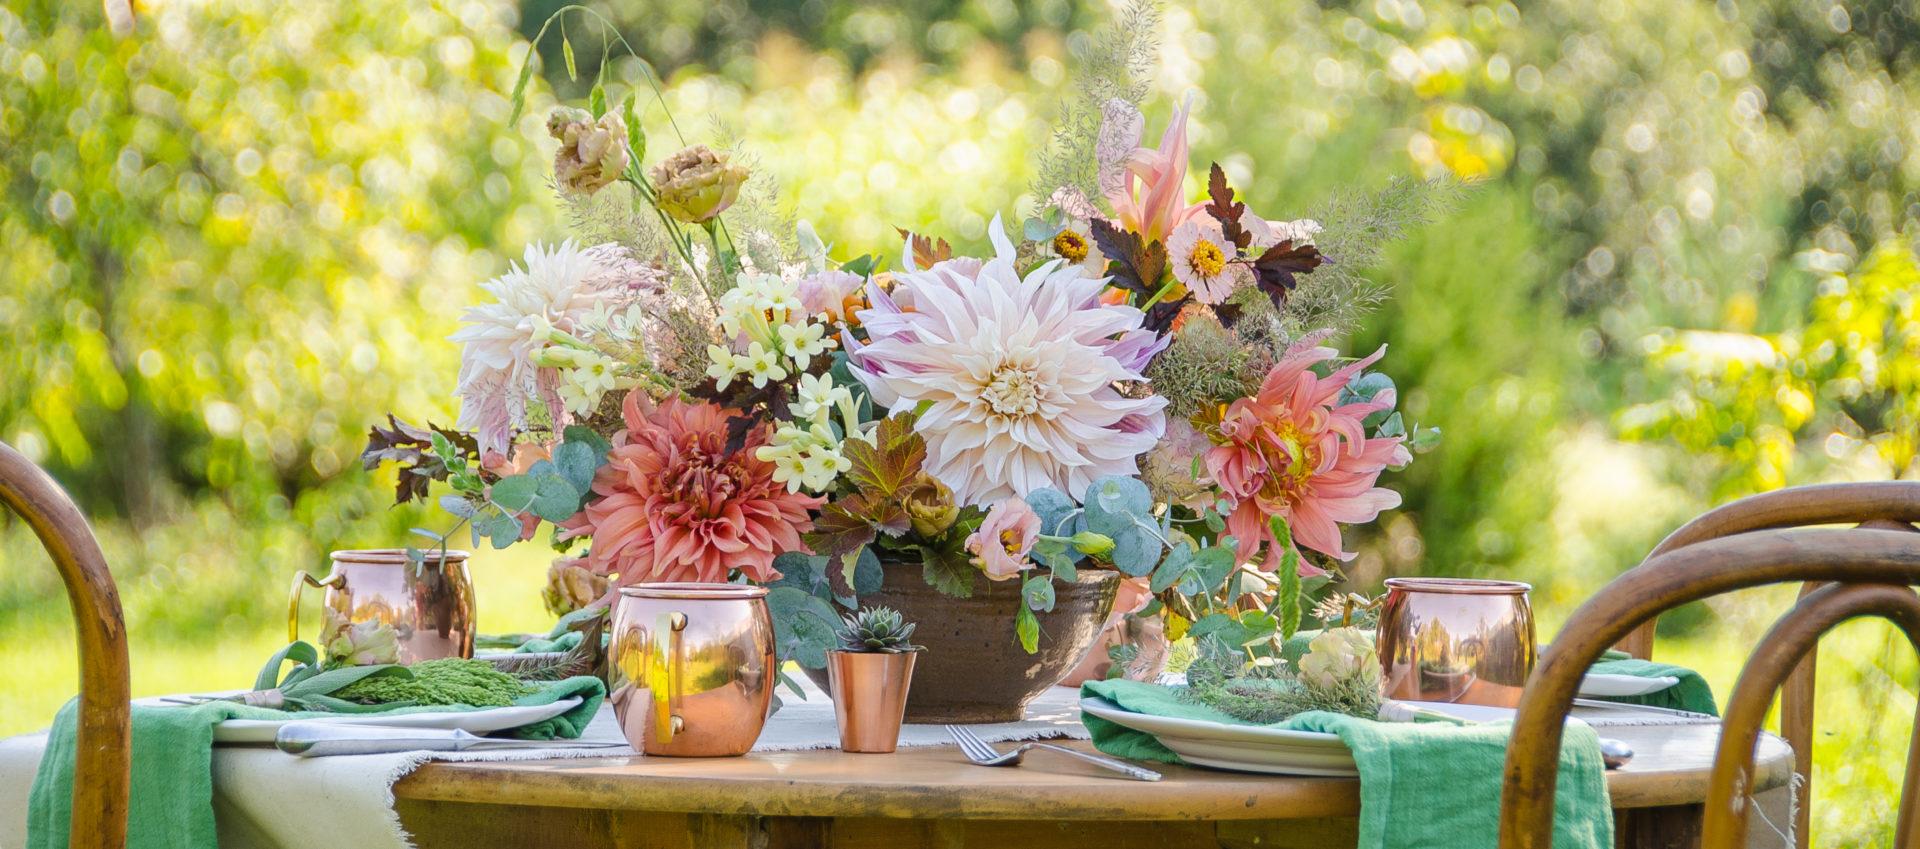 Sunborn Gardens-Unique, Nature Inspired Florals